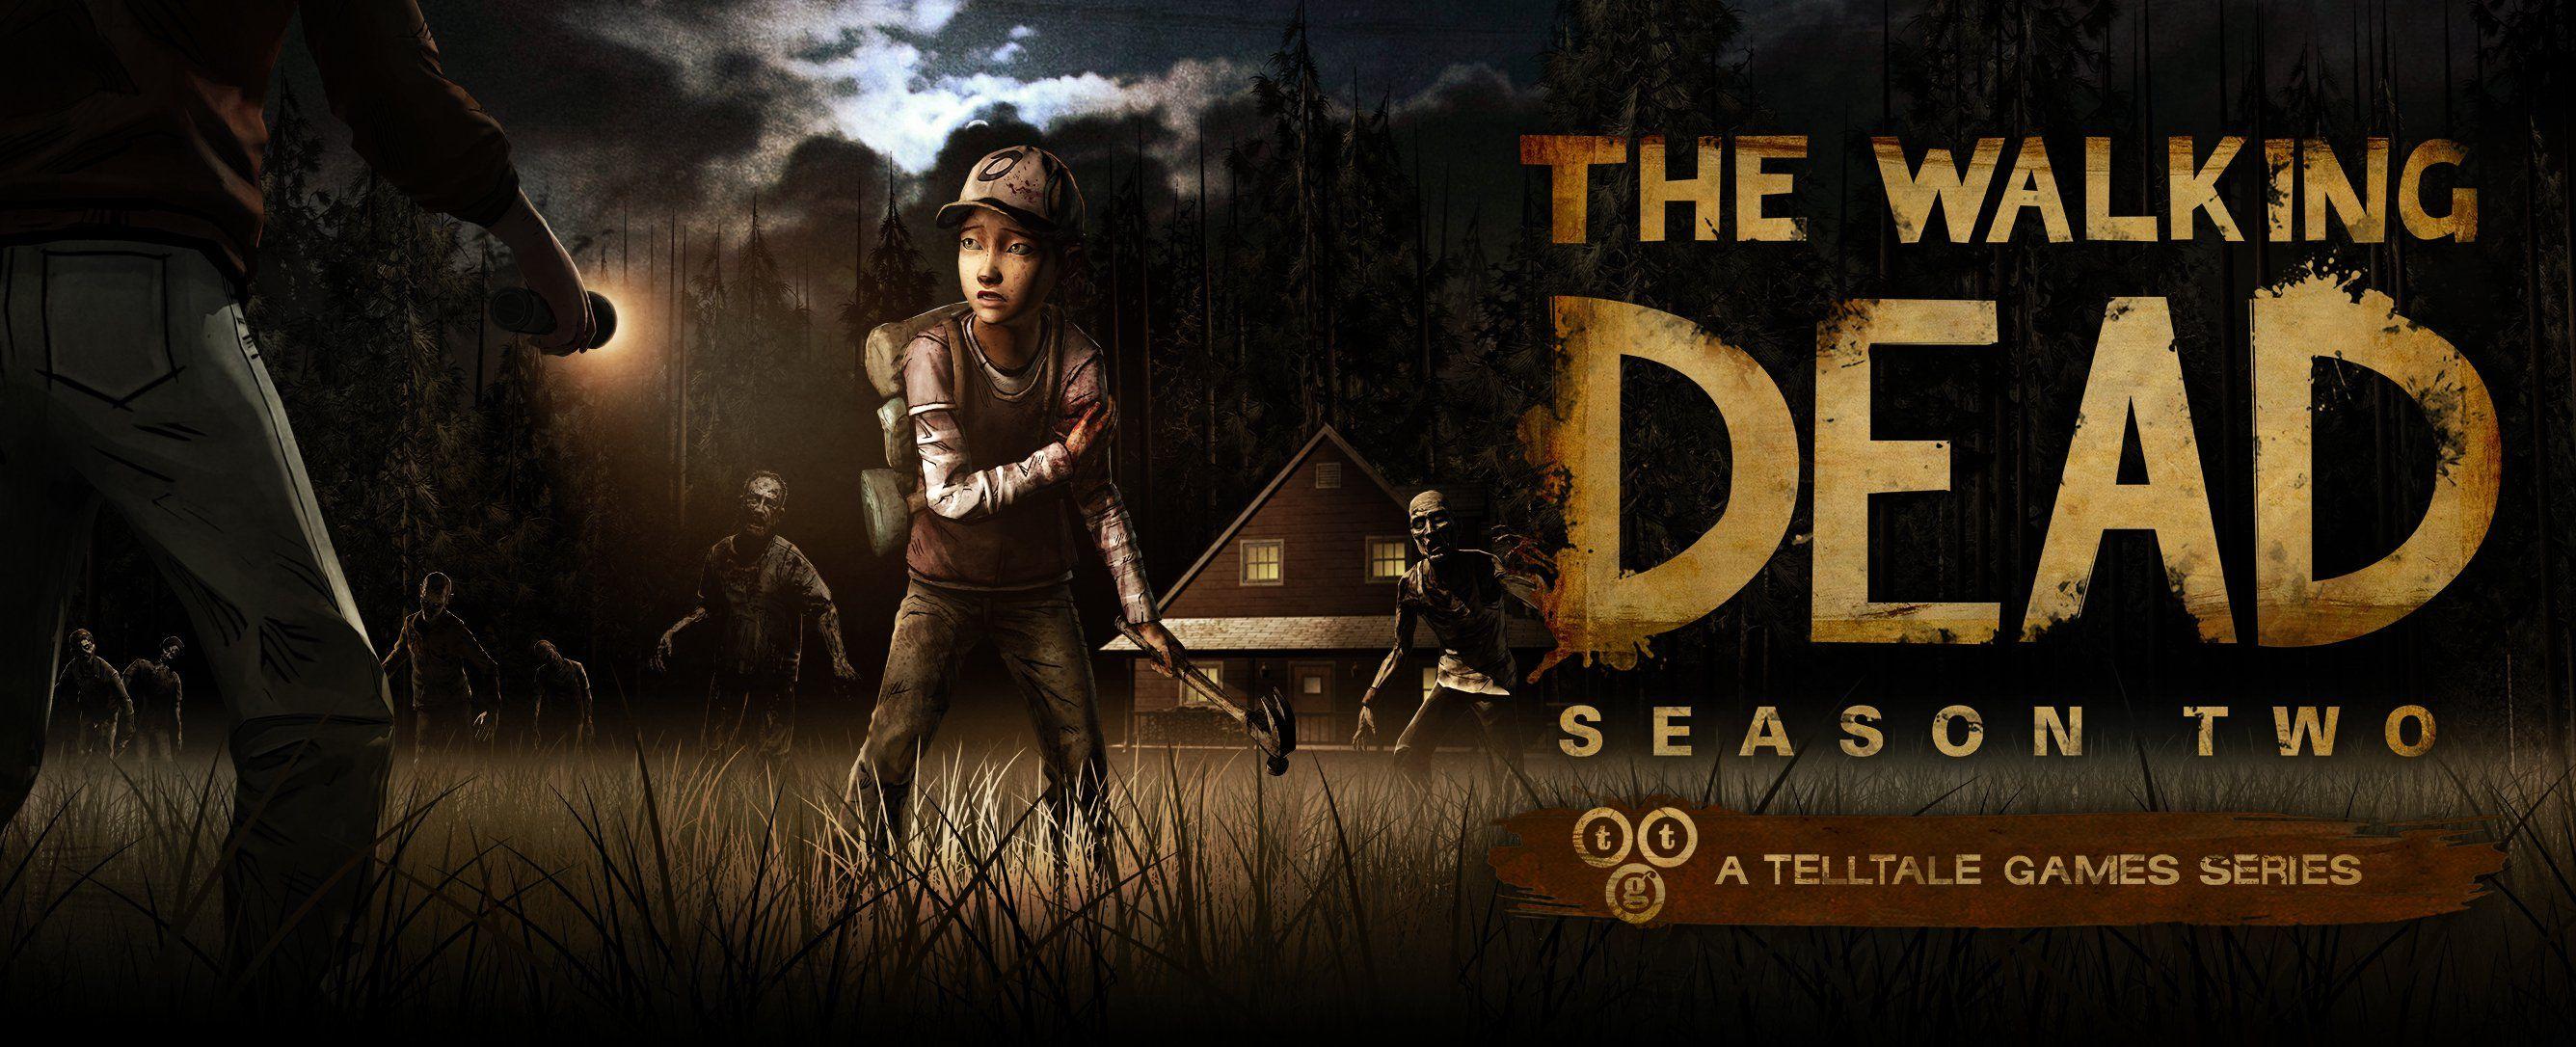 walking dead season 2 full episodes download